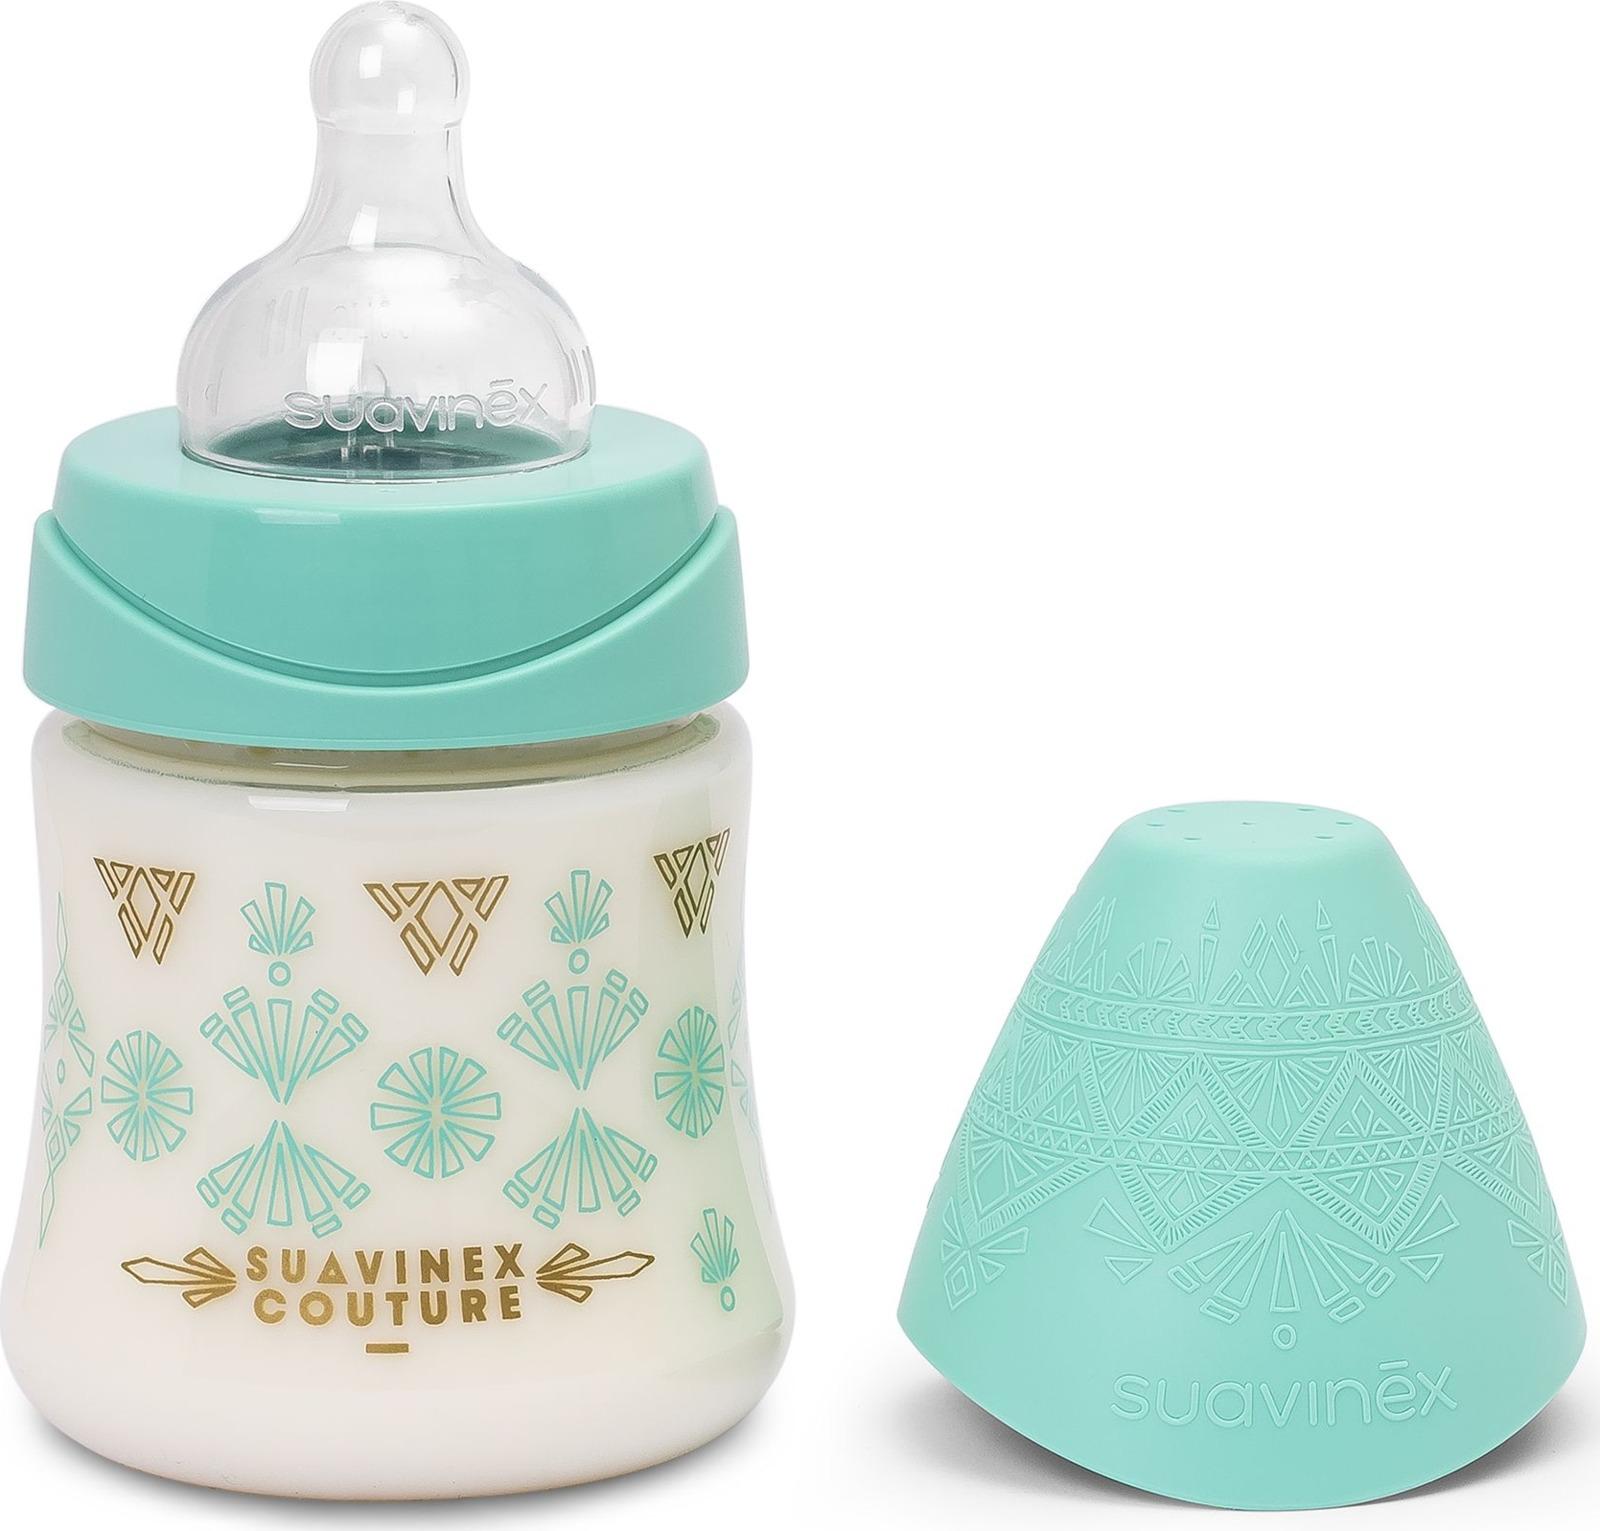 Бутылочка для кормления Suavinex Haute Couture, от 0 месяцев, с силиконовой круглой соской, 3162101, зеленый, 150 мл цена